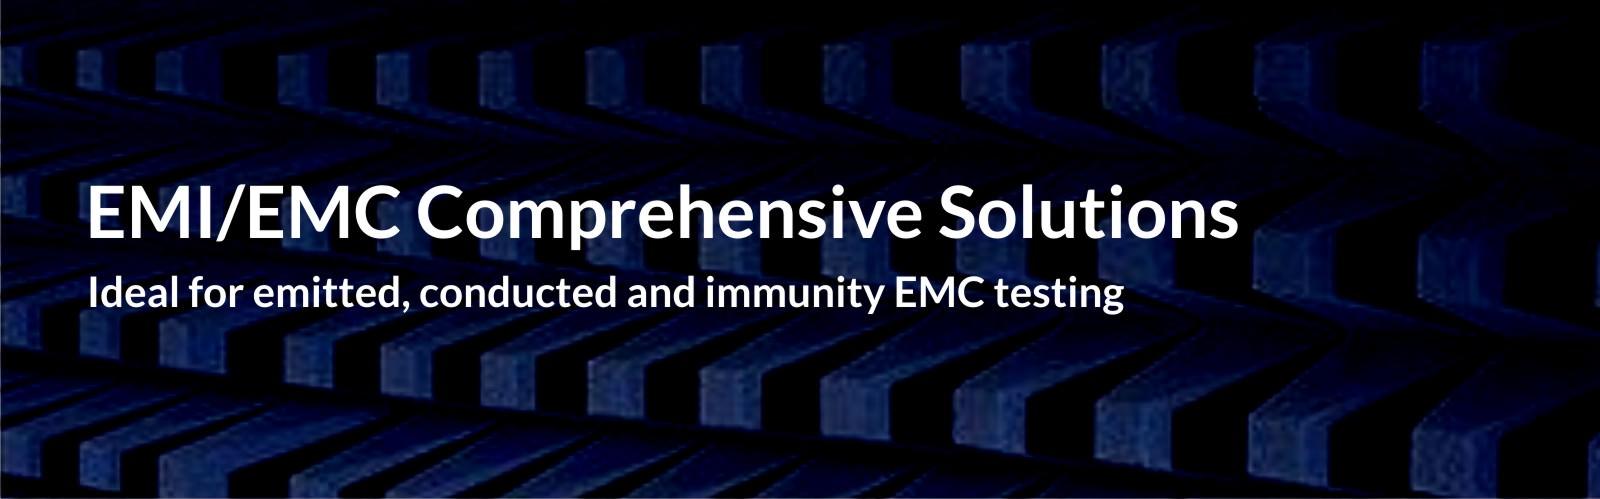 EMI/EMC Solutions